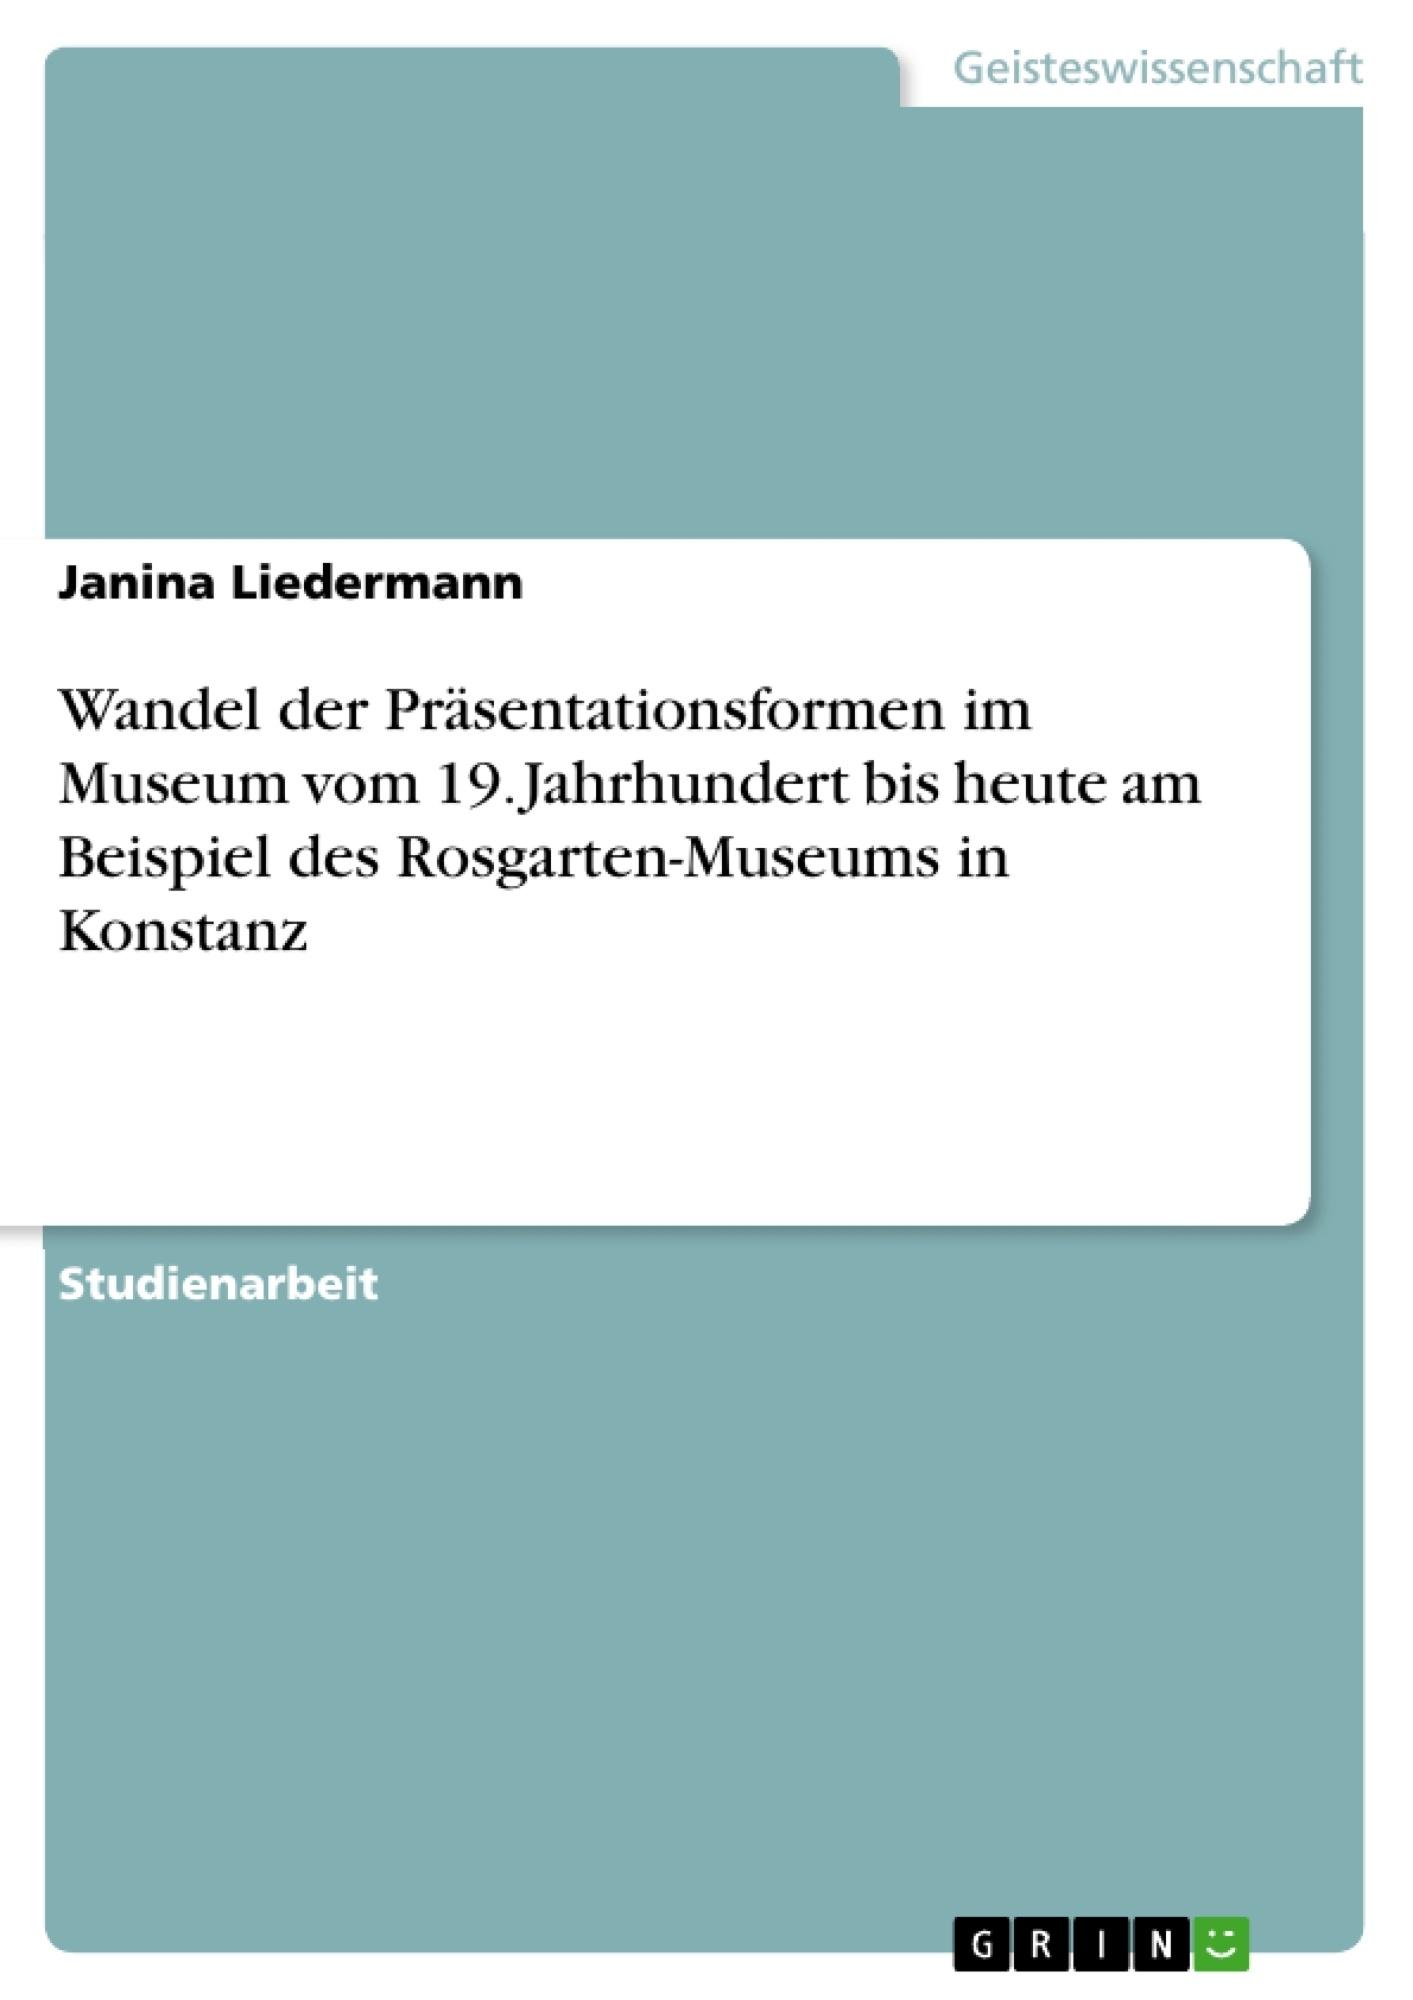 Titel: Wandel der Präsentationsformen im Museum vom 19. Jahrhundert bis heute am Beispiel des Rosgarten-Museums in Konstanz